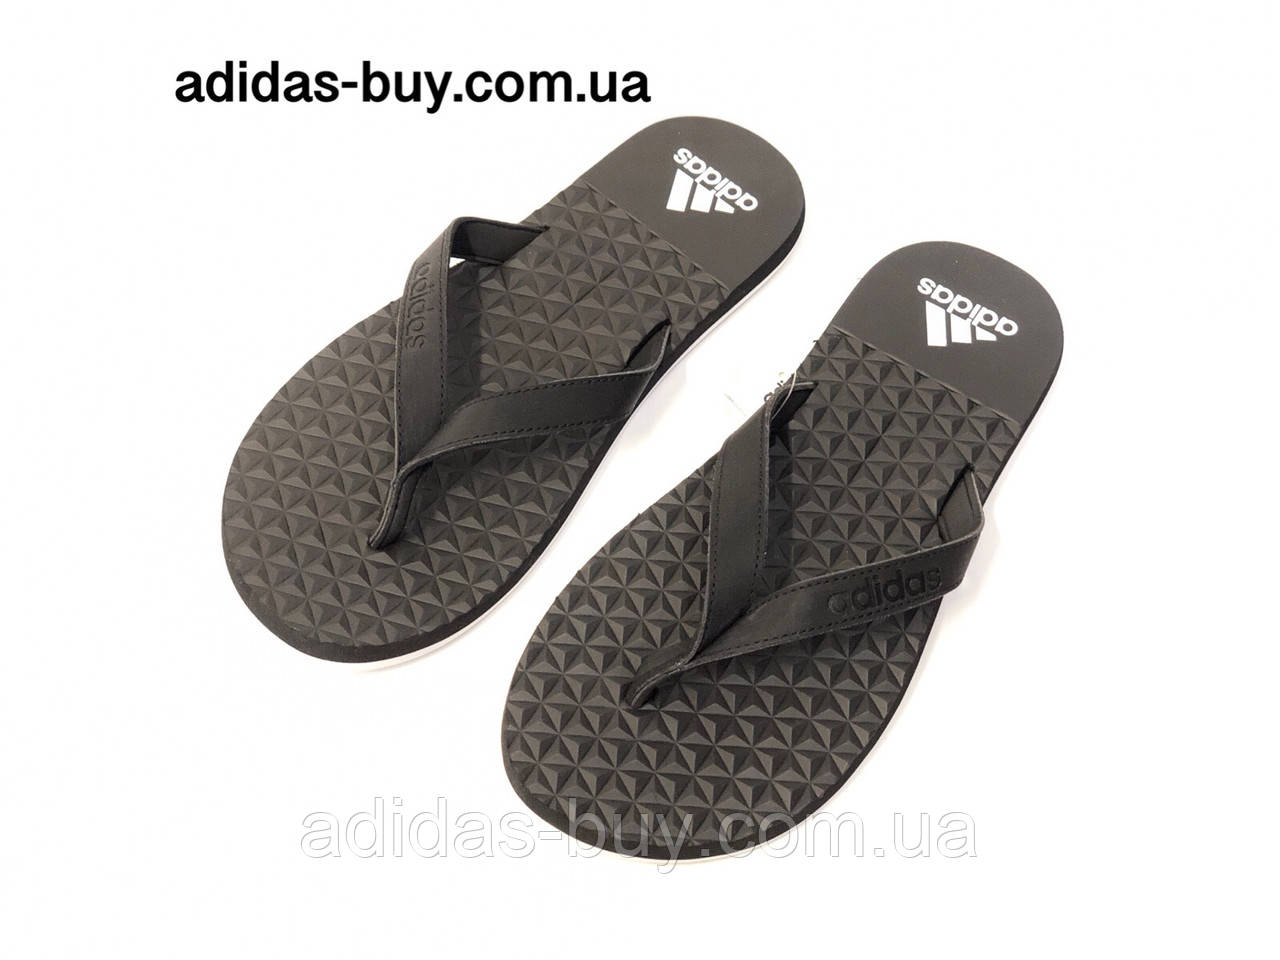 Сланцы тапки вьетнамки мужские adidas оригинал EEZAY SOFT BB0507 цвет:черный